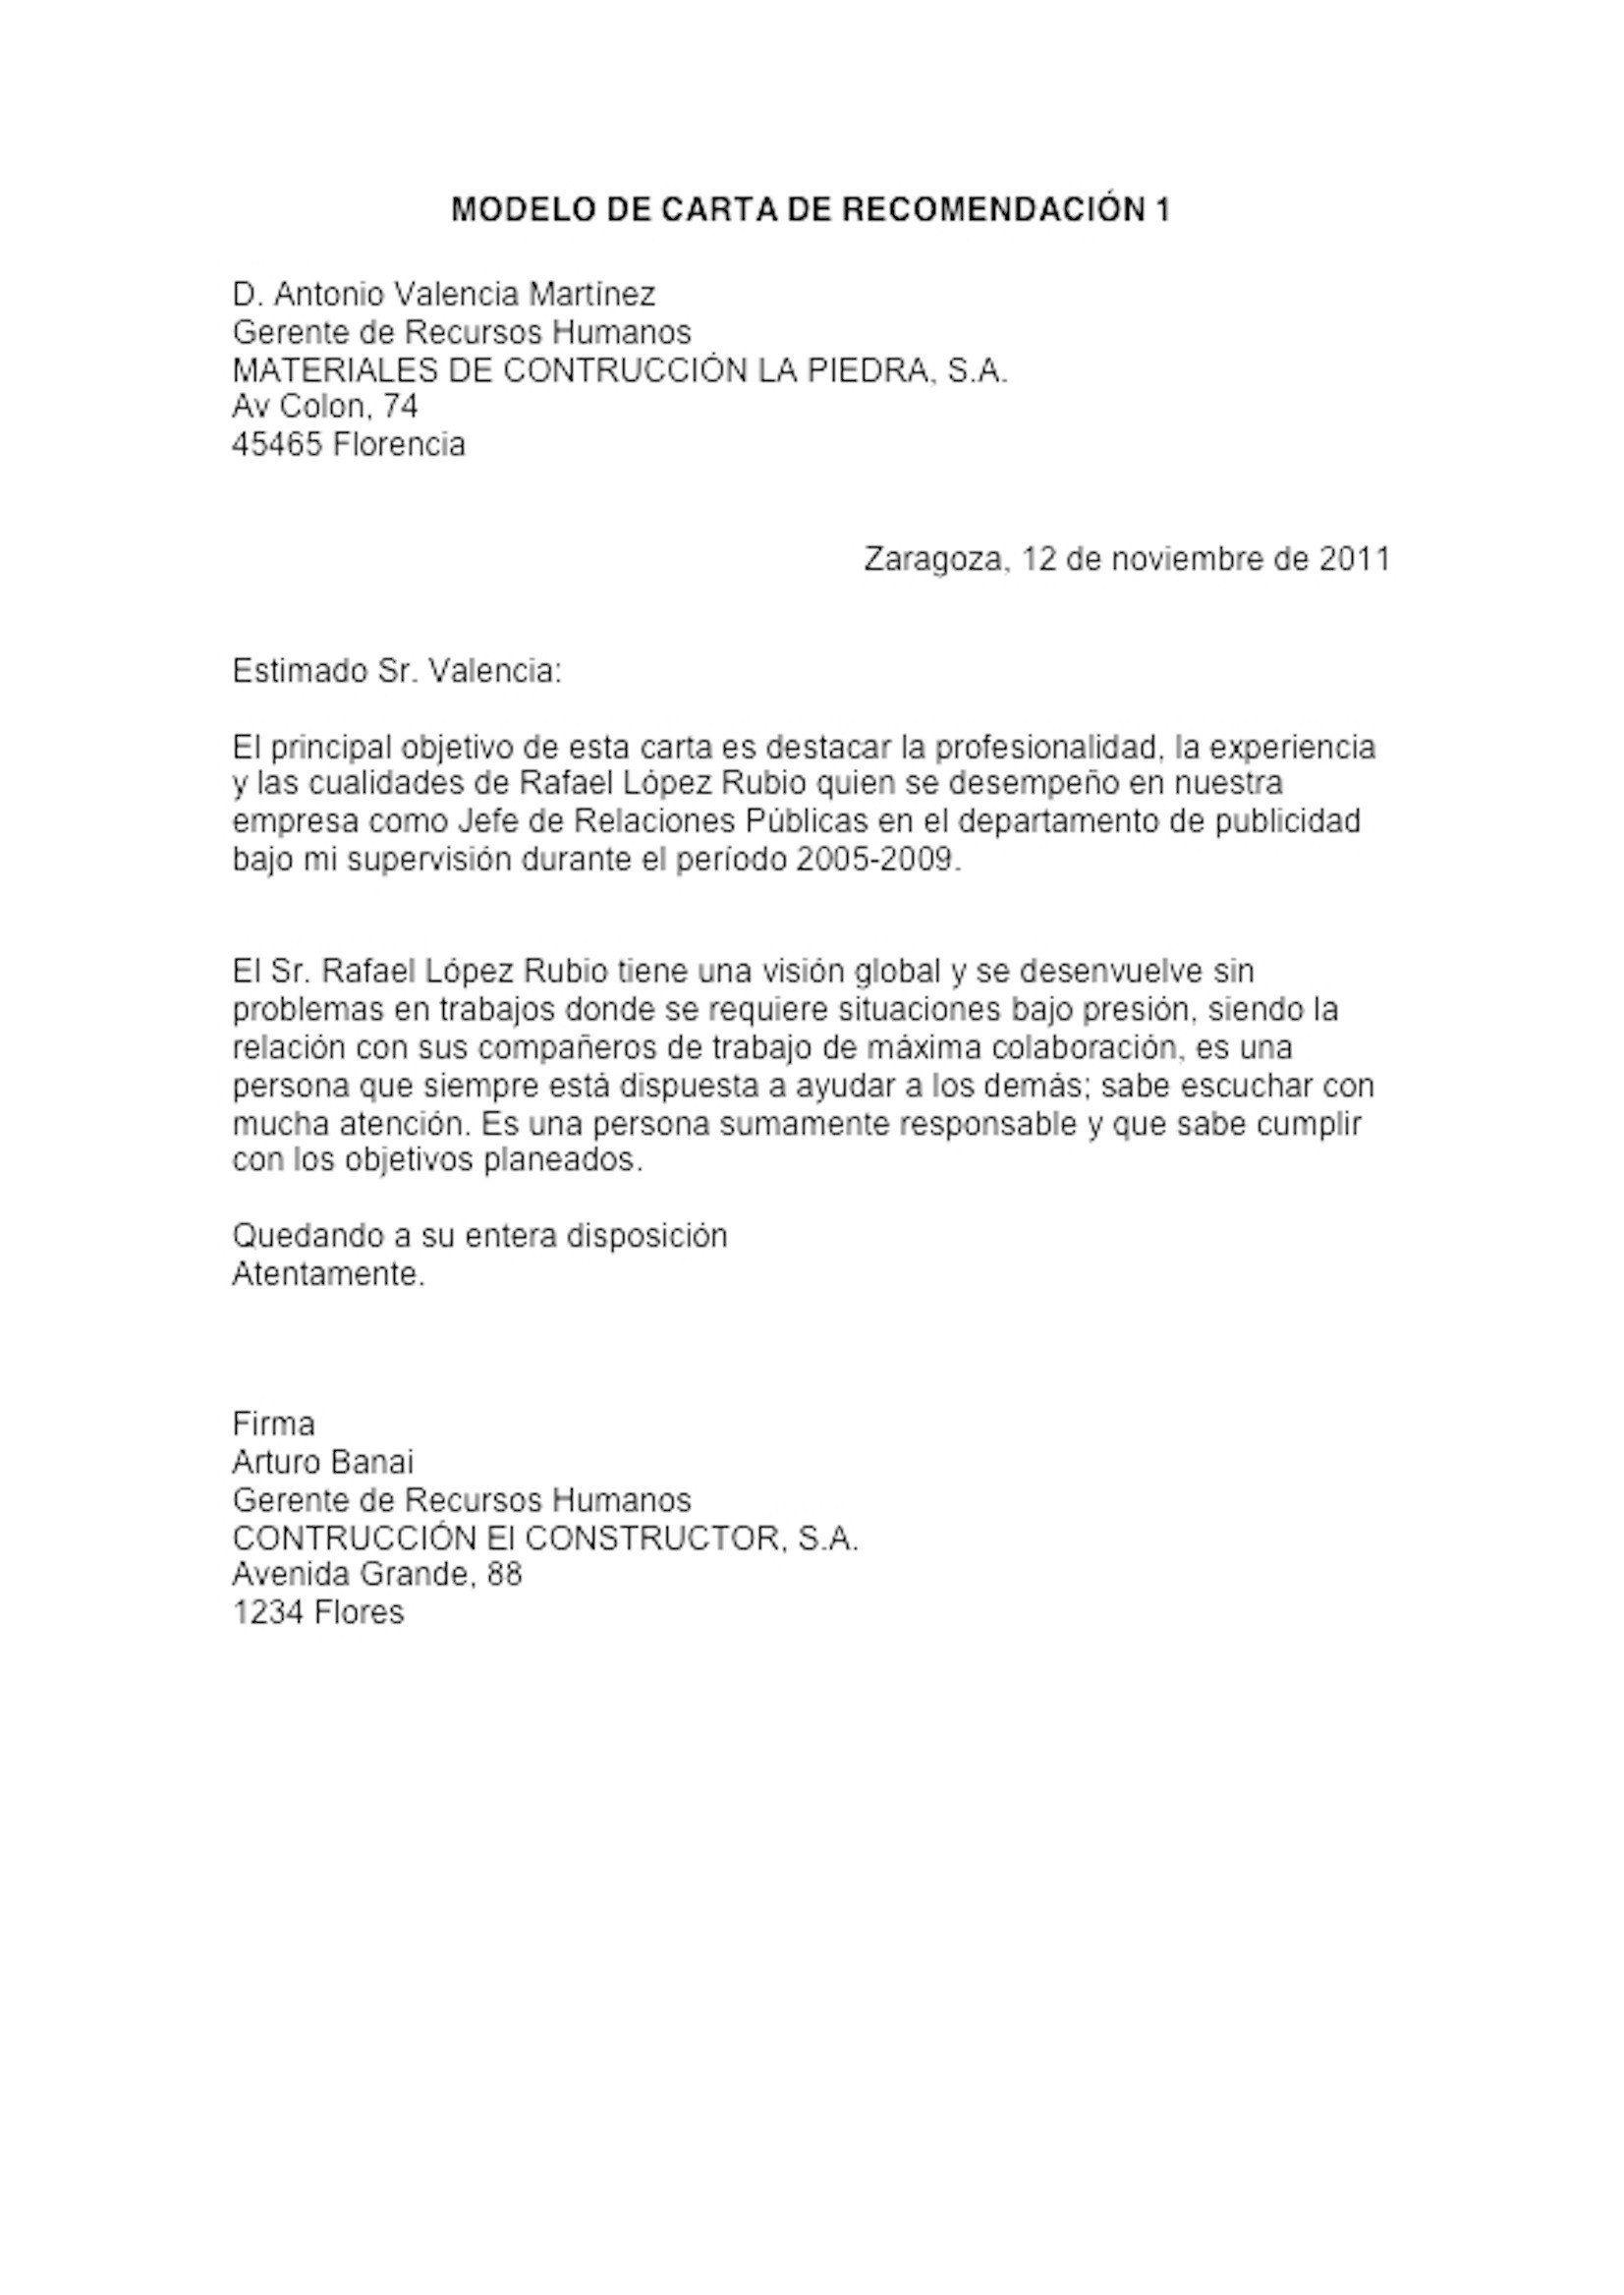 Ejemplo De Carta De Recomendacion Formal Ejemplos De Cartas De Recomendacion Ejemplo De Carta Formal Ejemplo De Carta Carta de recomendacion para trabajo